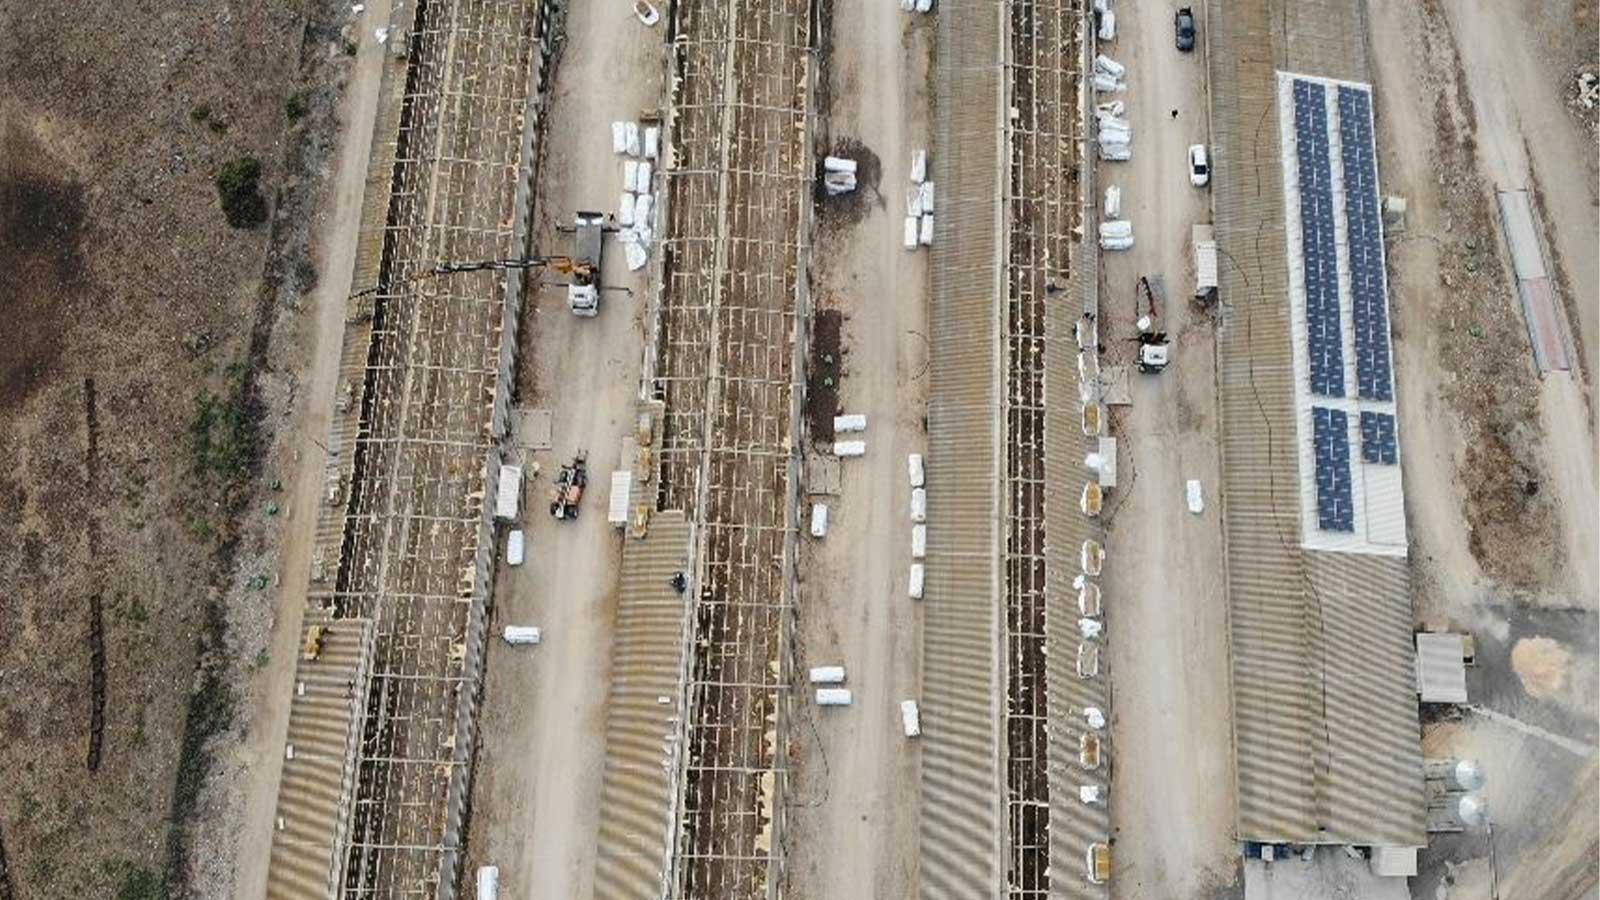 קיבוץ להבות הבשן החלפת גגות אסבסט לפאנל מבודד בלולים 10000 מר